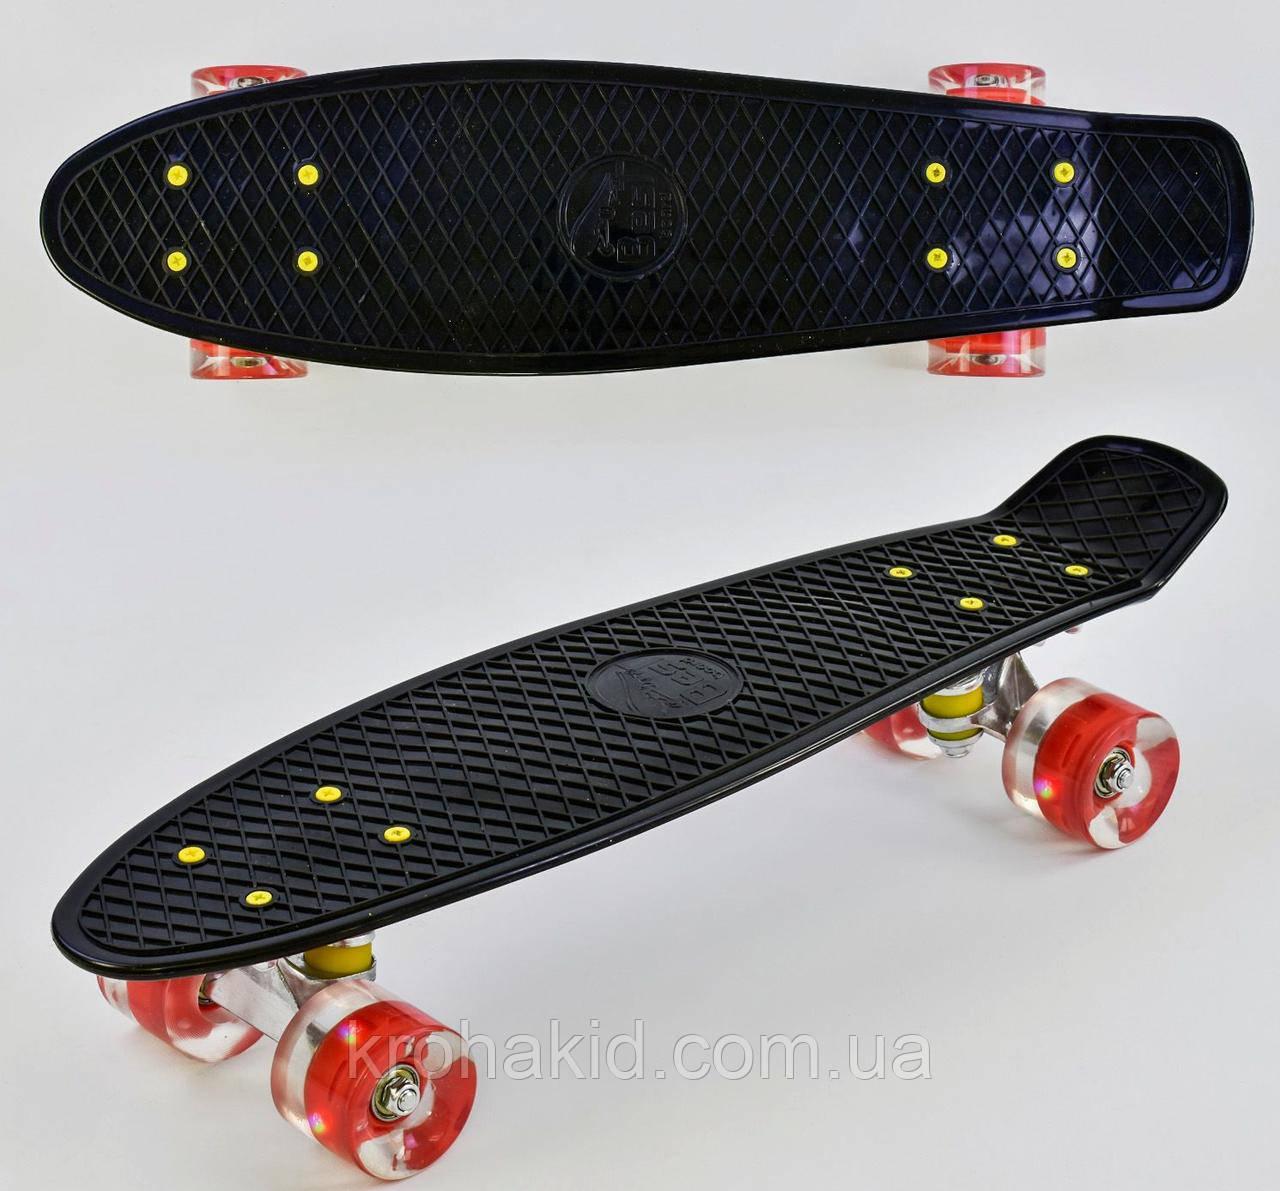 Скейт Пенни борд 0990  Best Board, ЧЁРНЫЙ, доска=55см, колёса PU d=6см СВЕТЯТСЯ